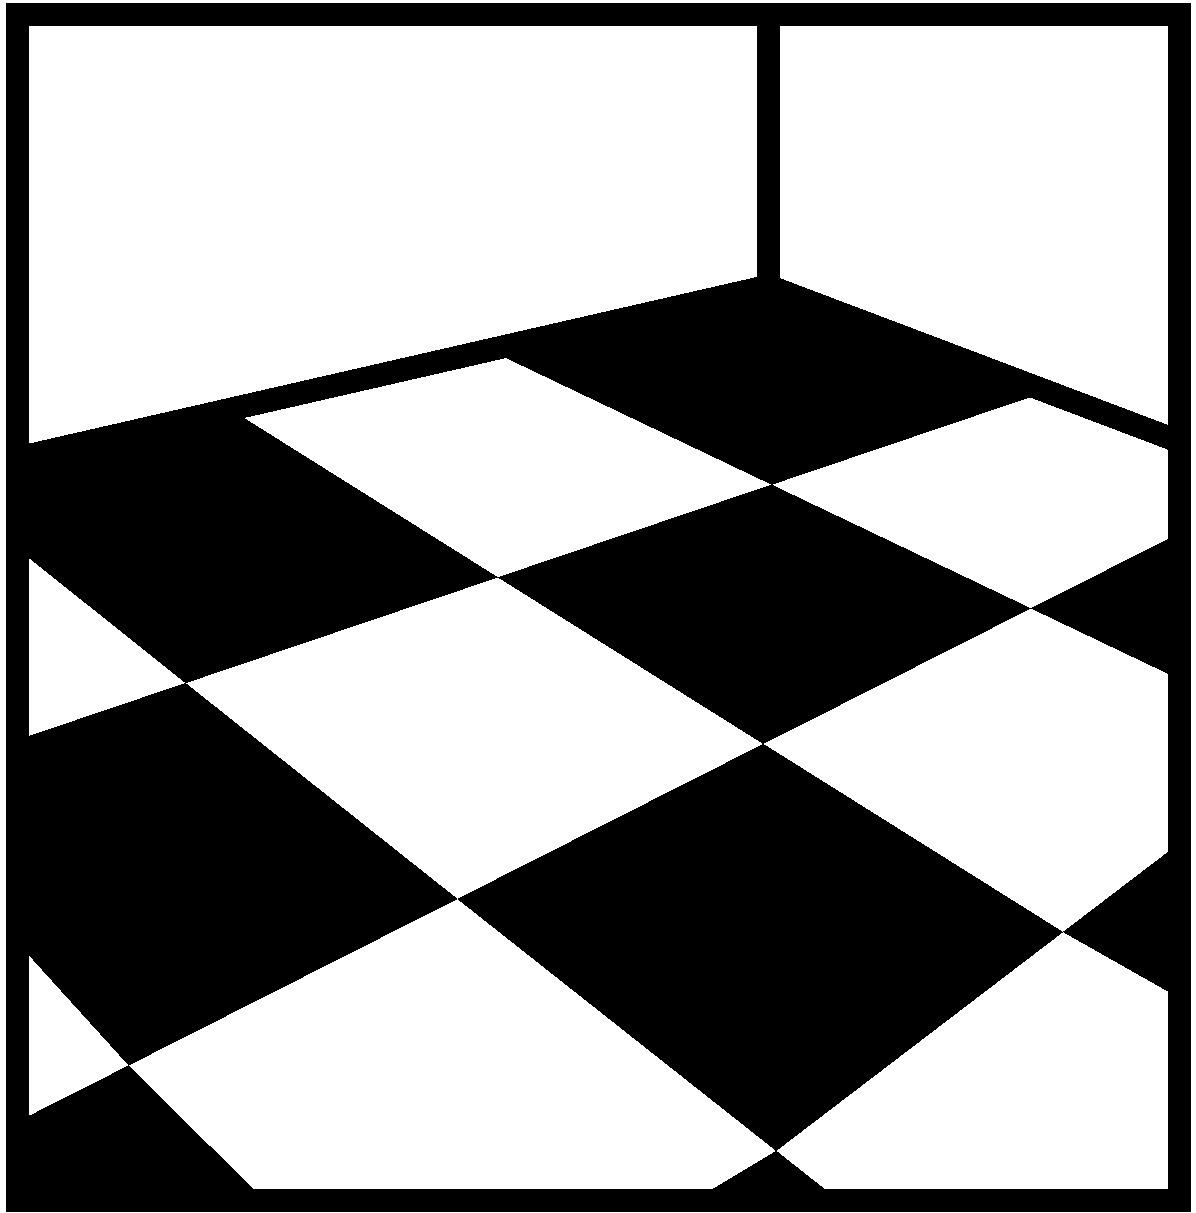 Kõvadele põrandapindadele mõeldud toode